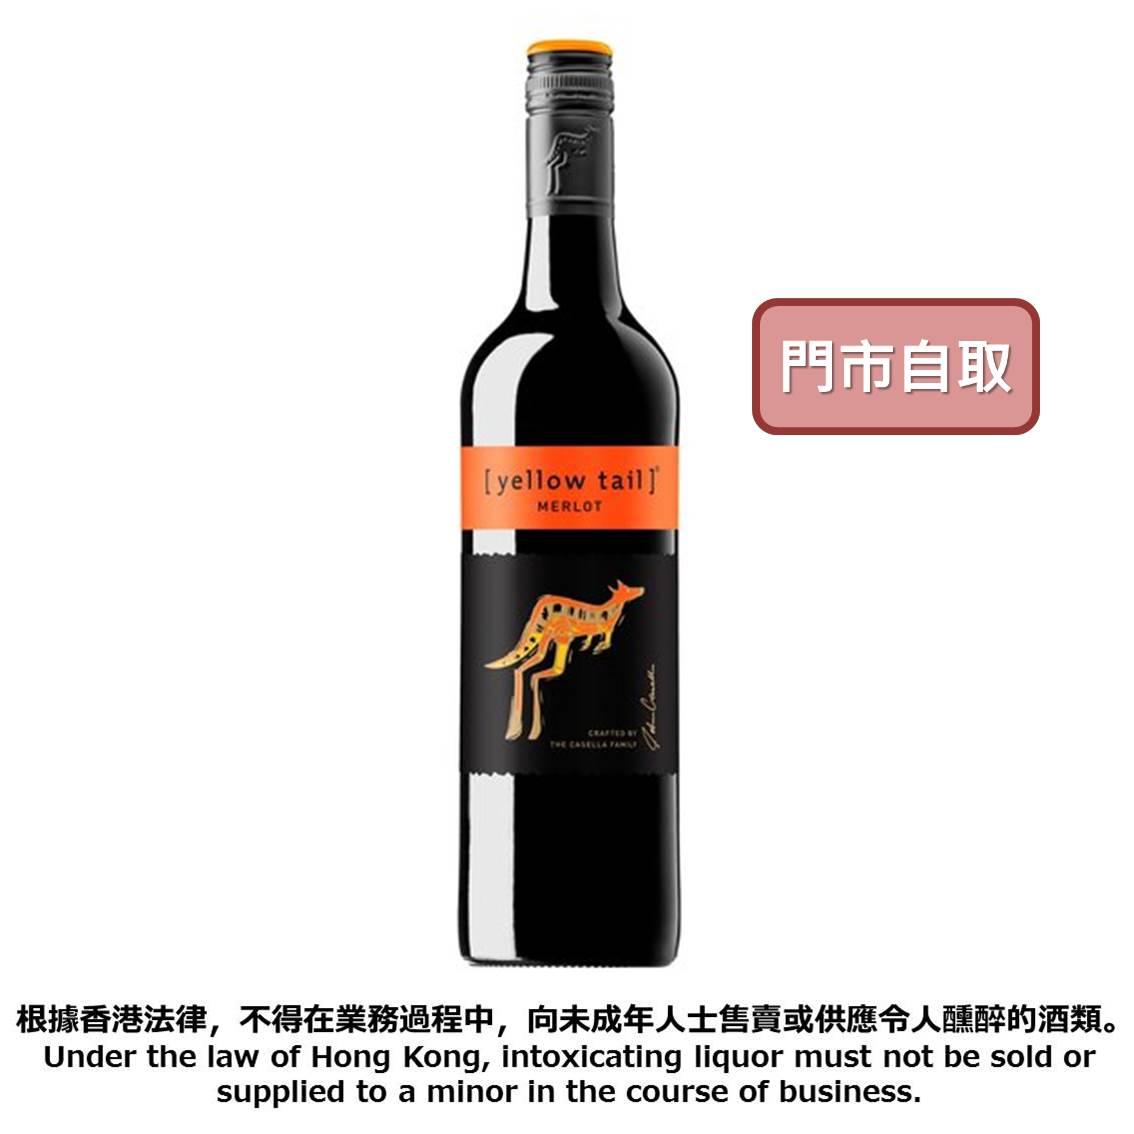 黃尾袋鼠梅鹿紅酒750mL